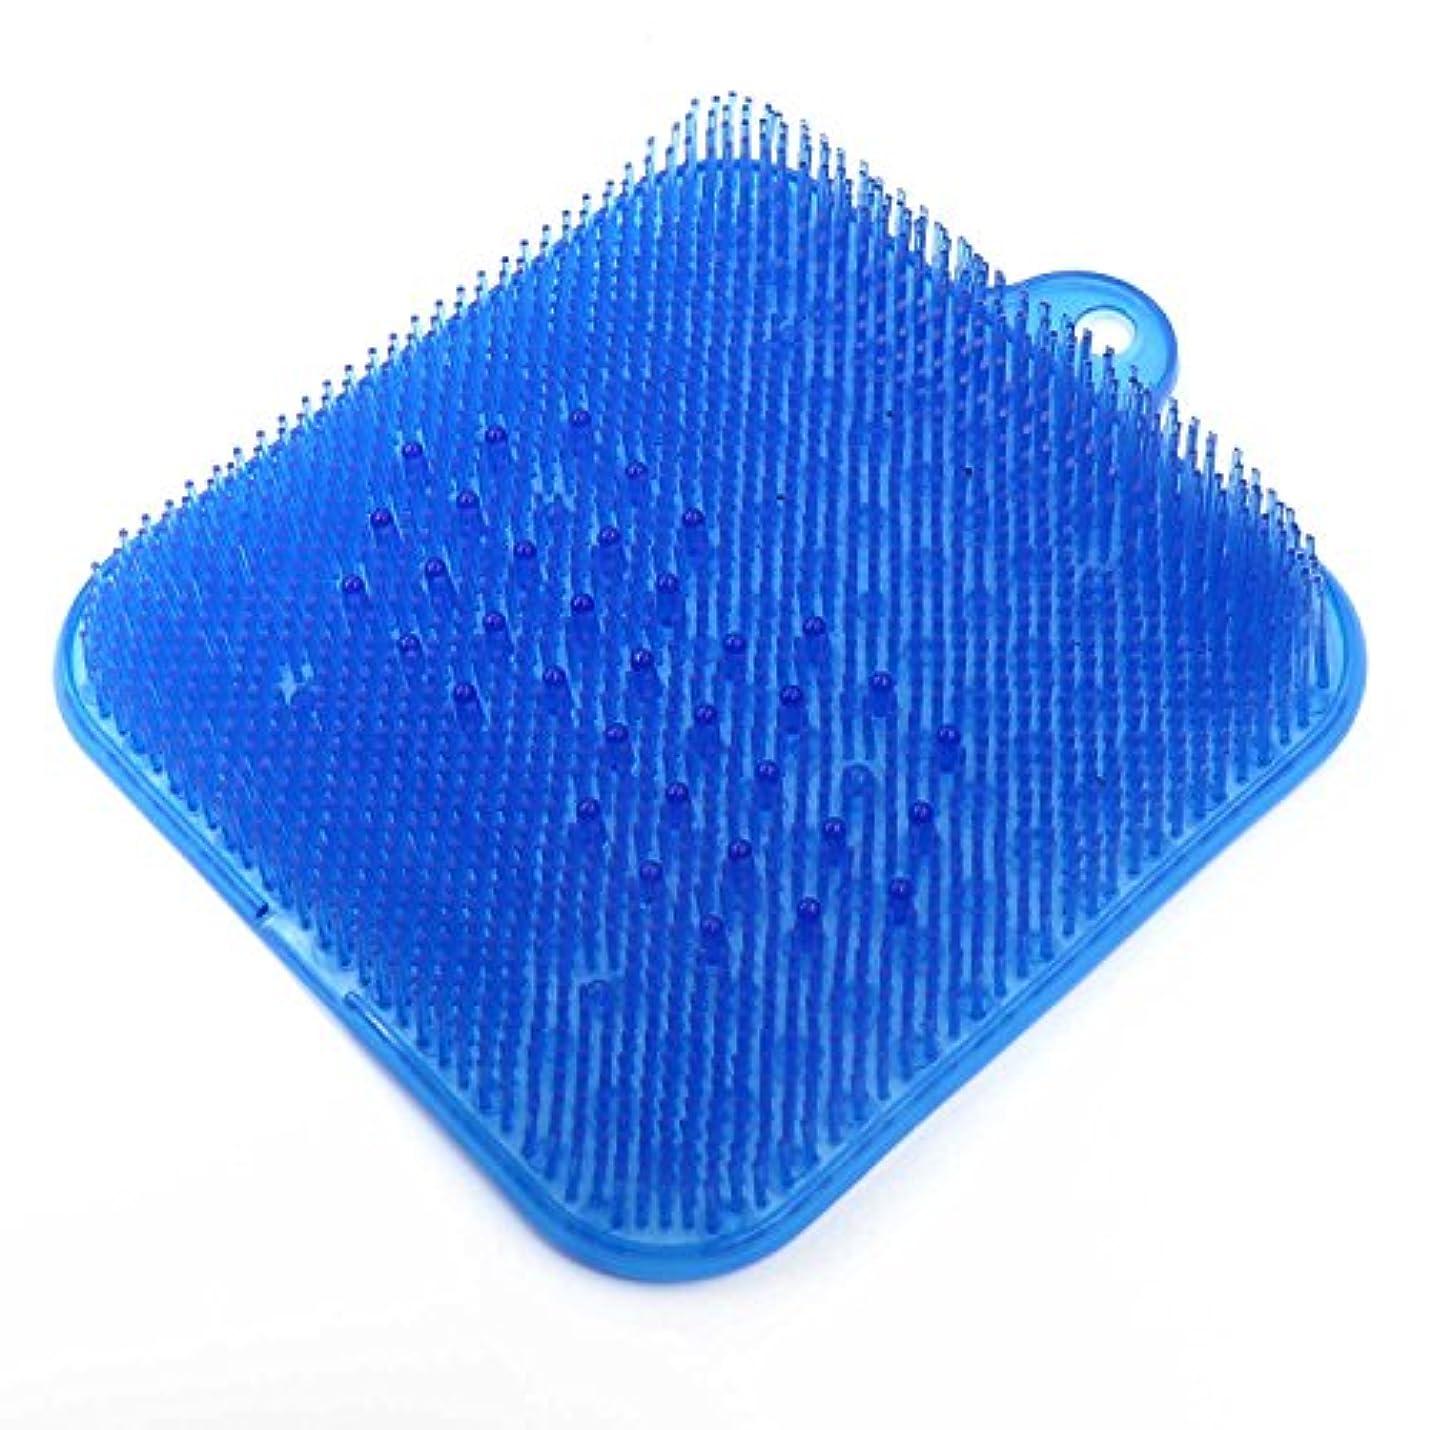 敏感な開発するスモッグDigHealth 足洗いマット ブルー